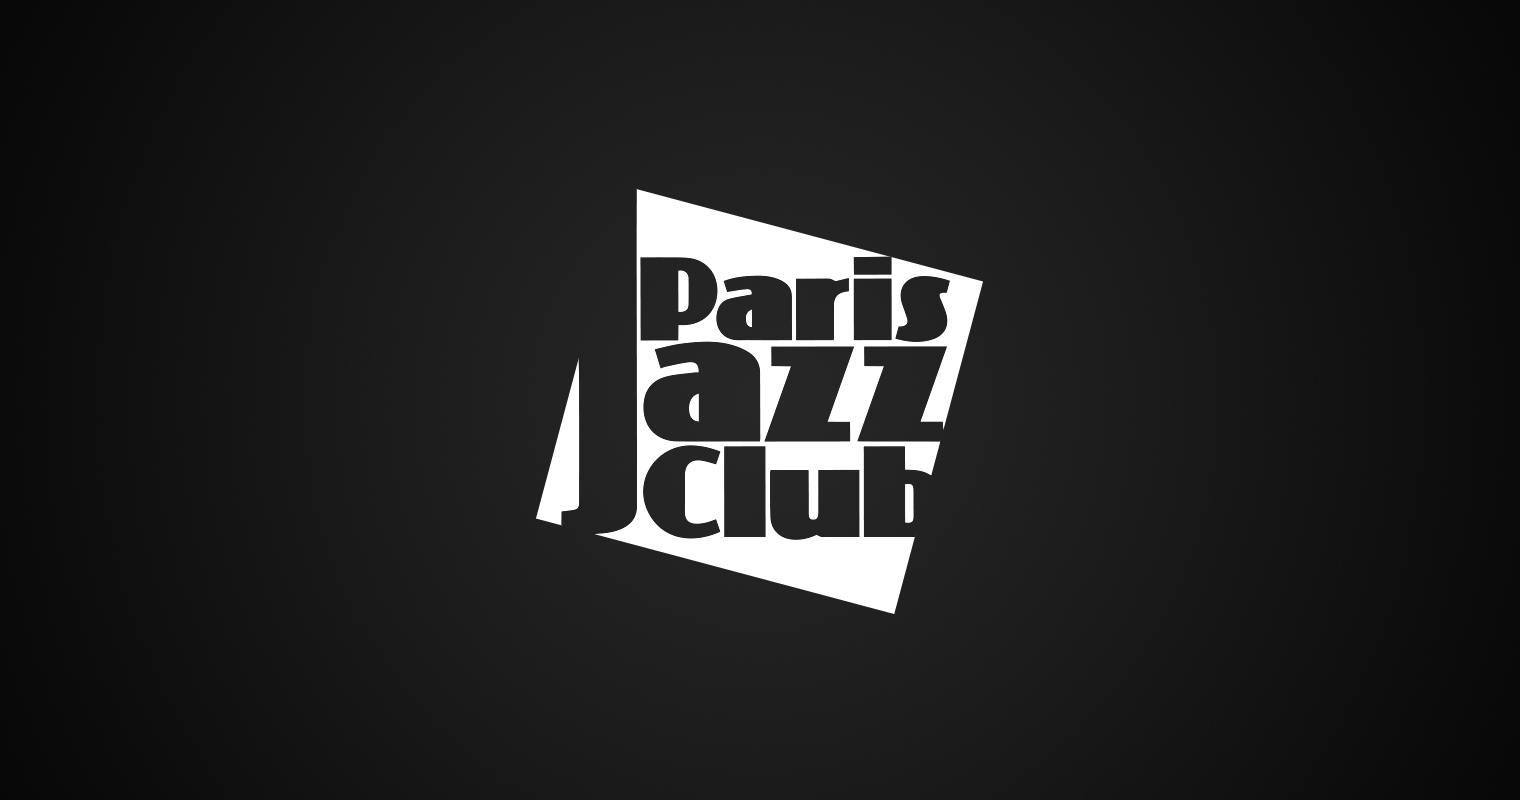 salles de chat en direct et tout ce qui datait jazz